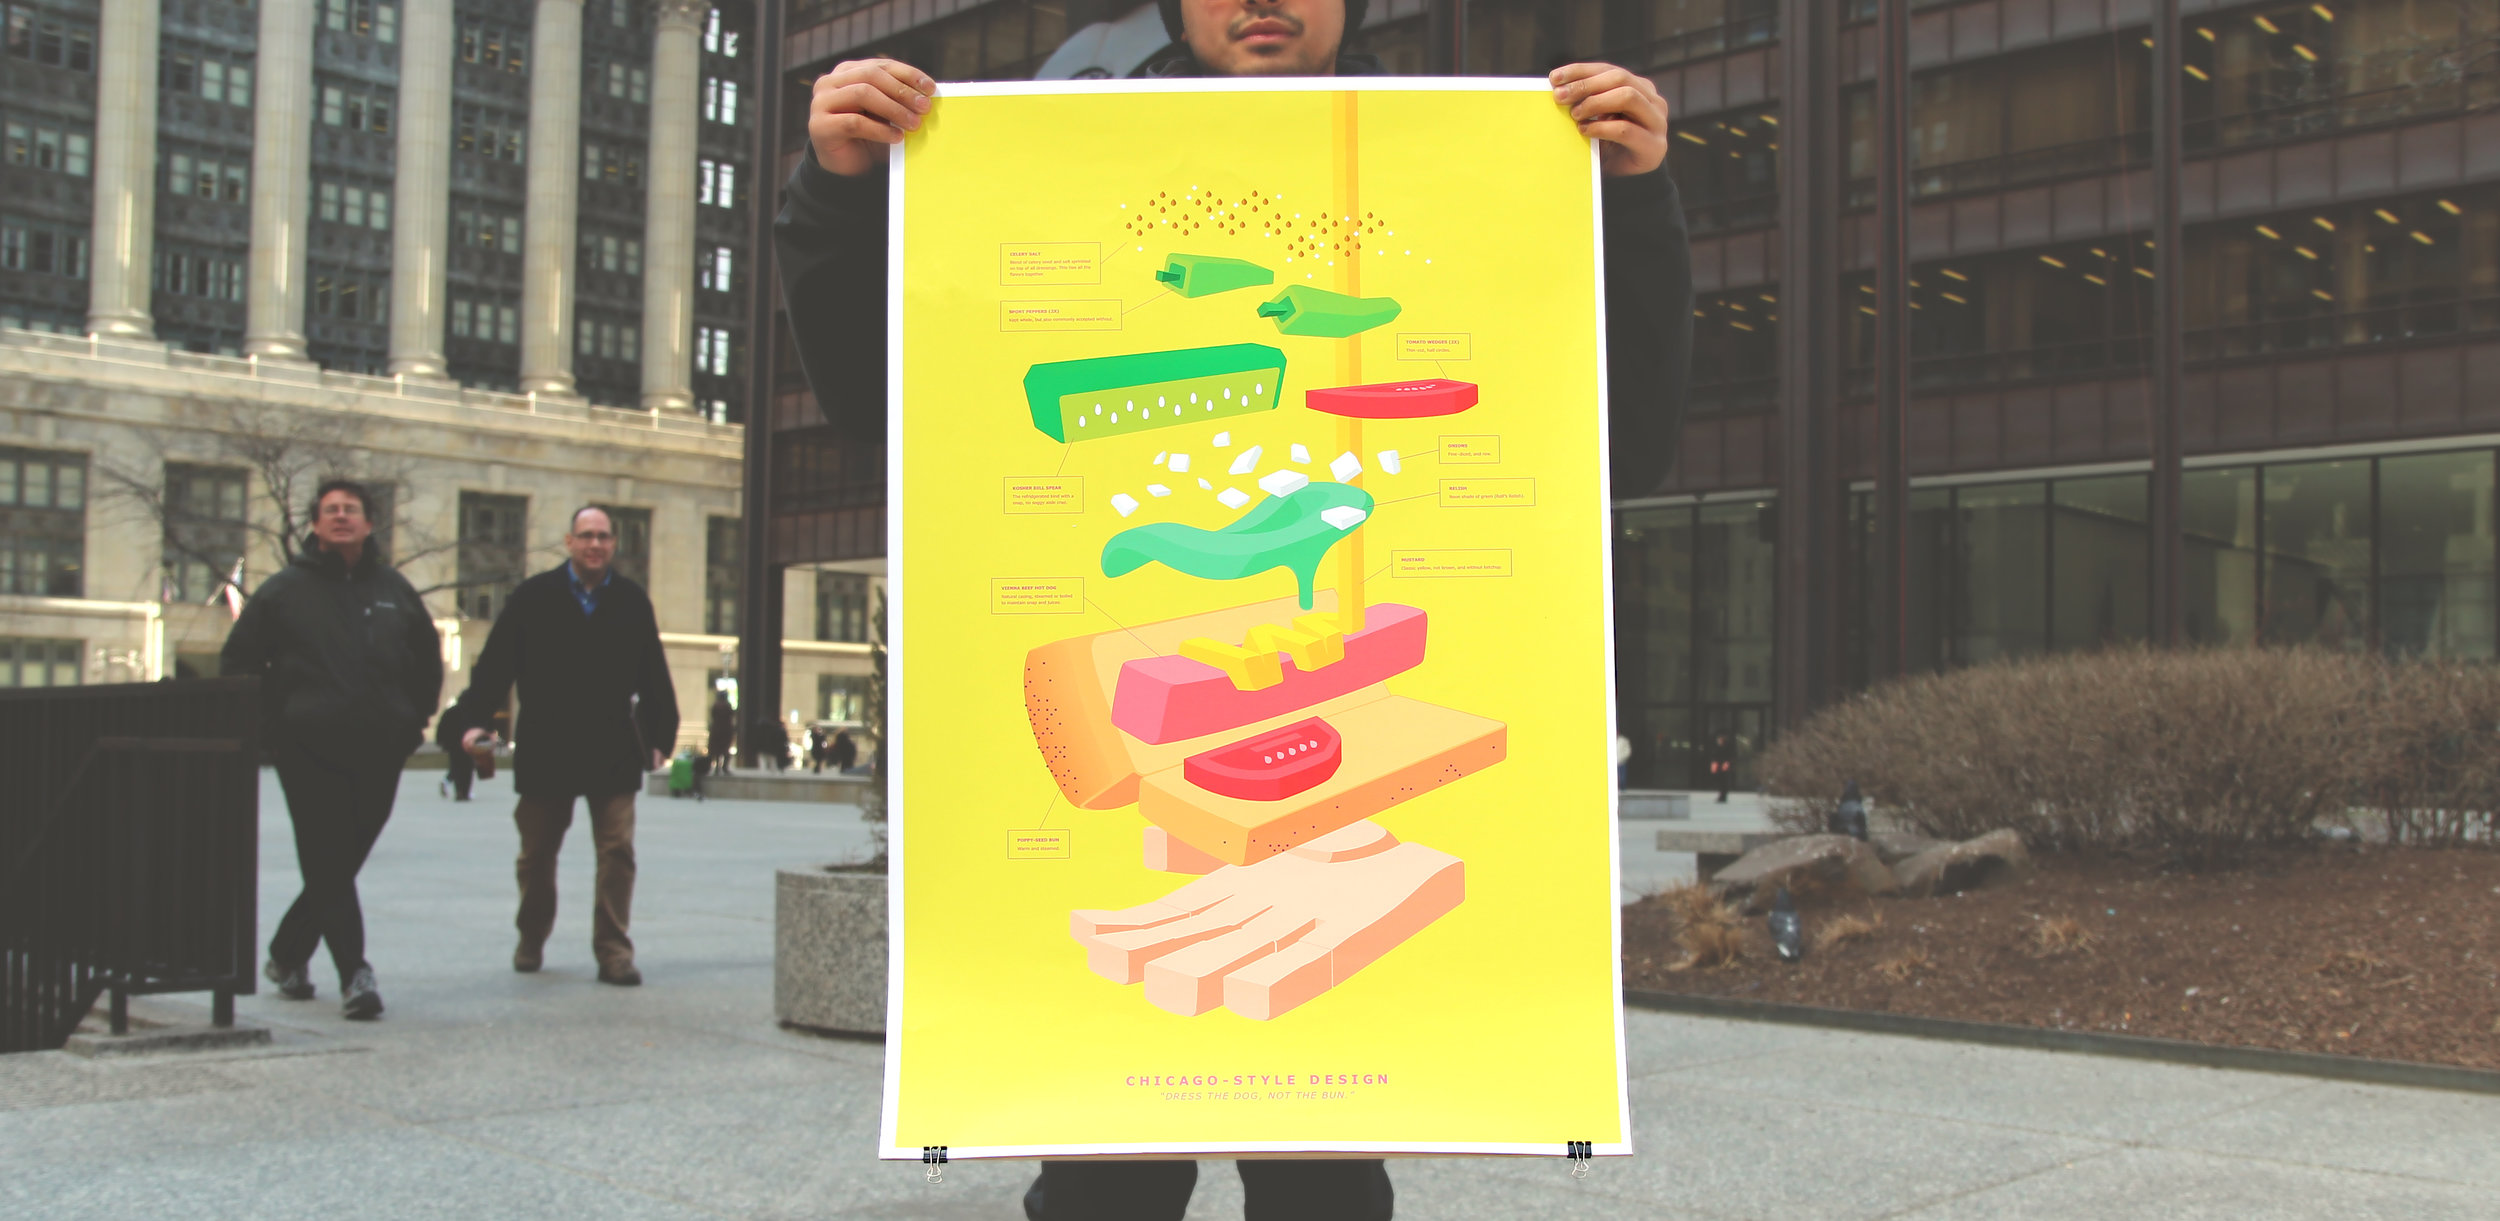 remo-remo-design-chicag-style-design-2.jpg